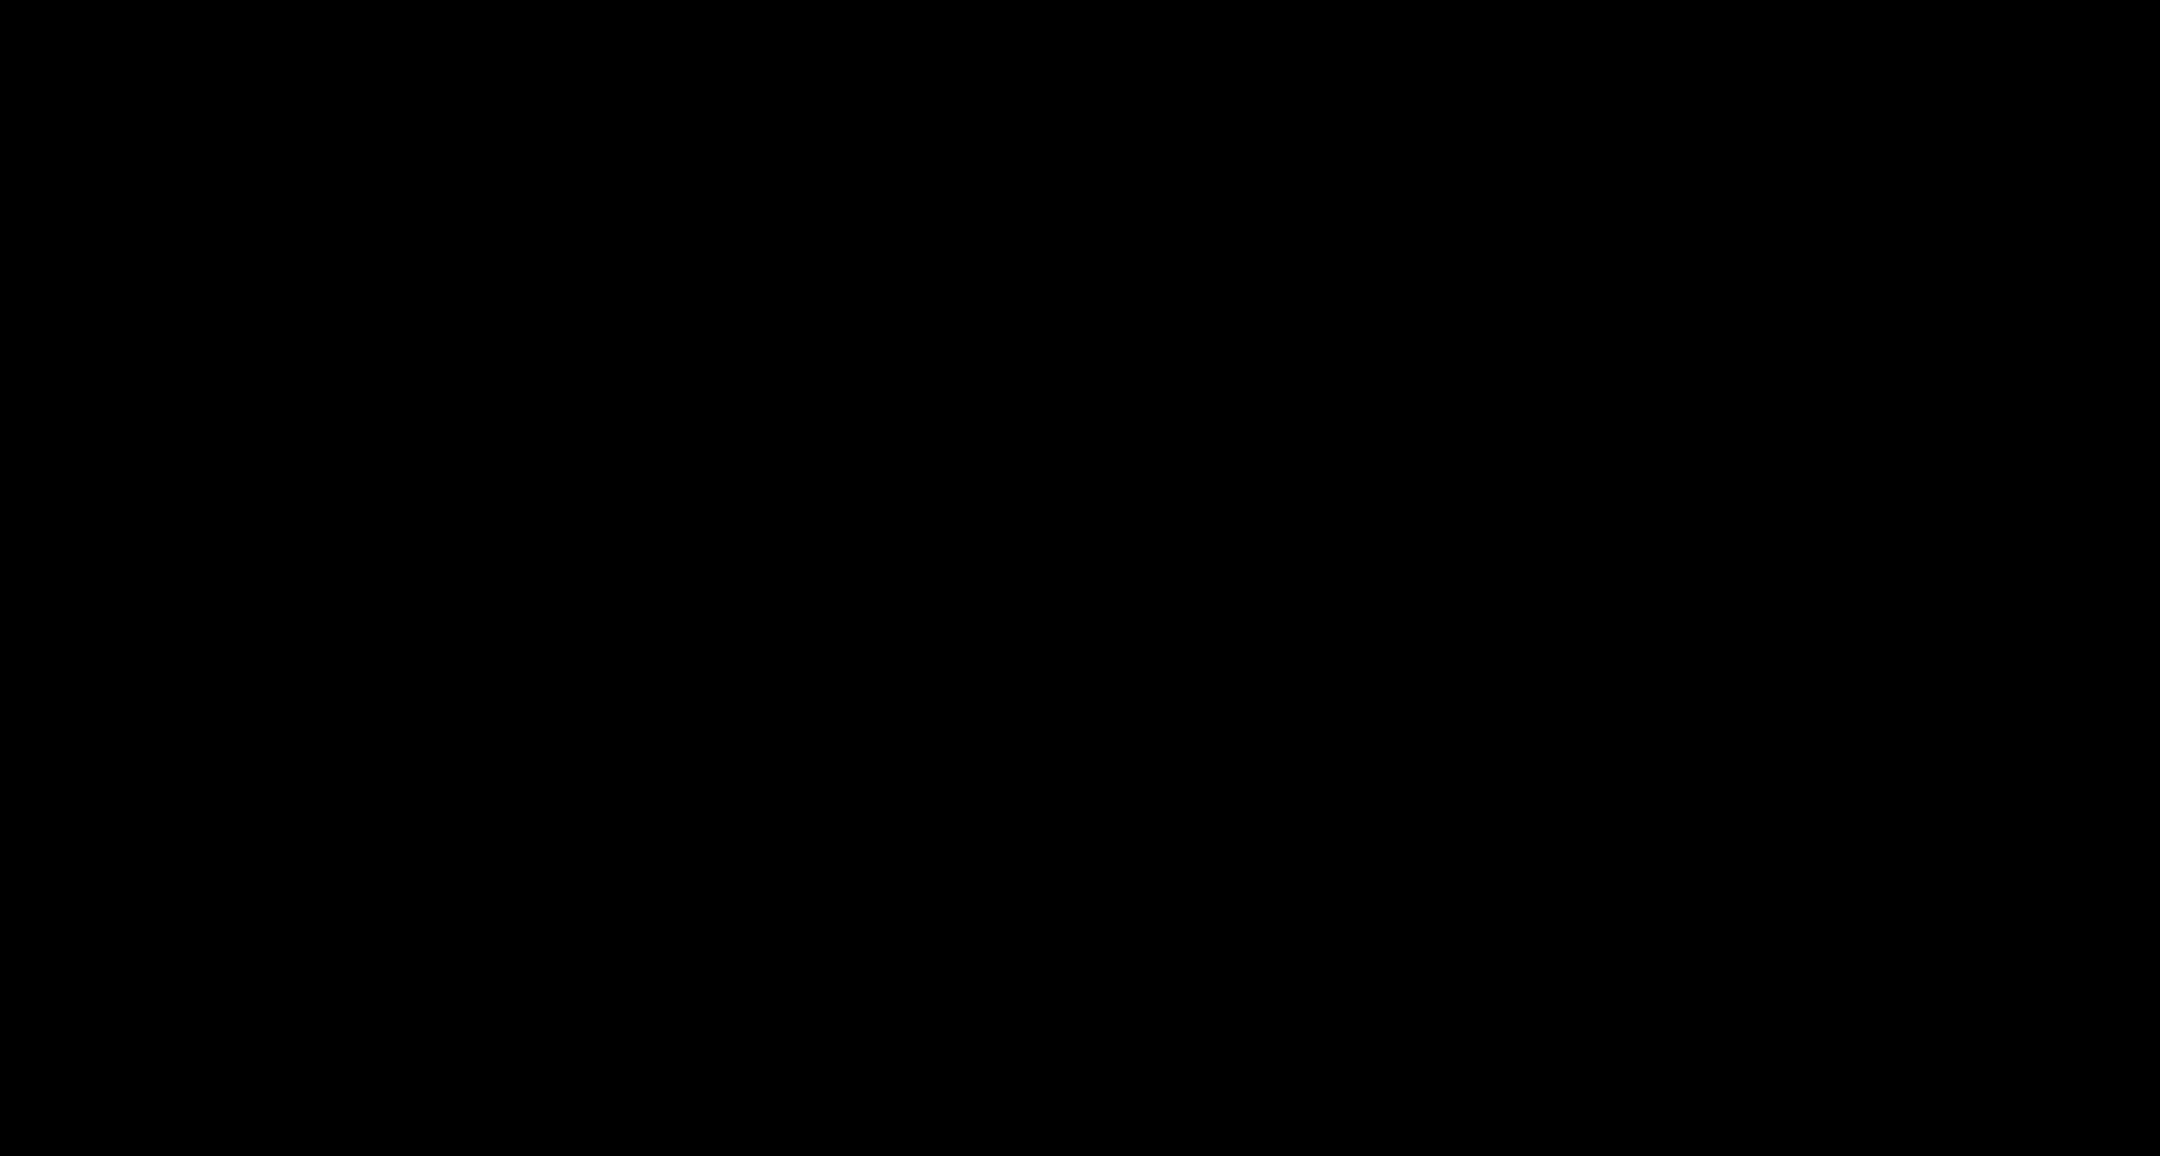 nos logo 1 - NOS Logo